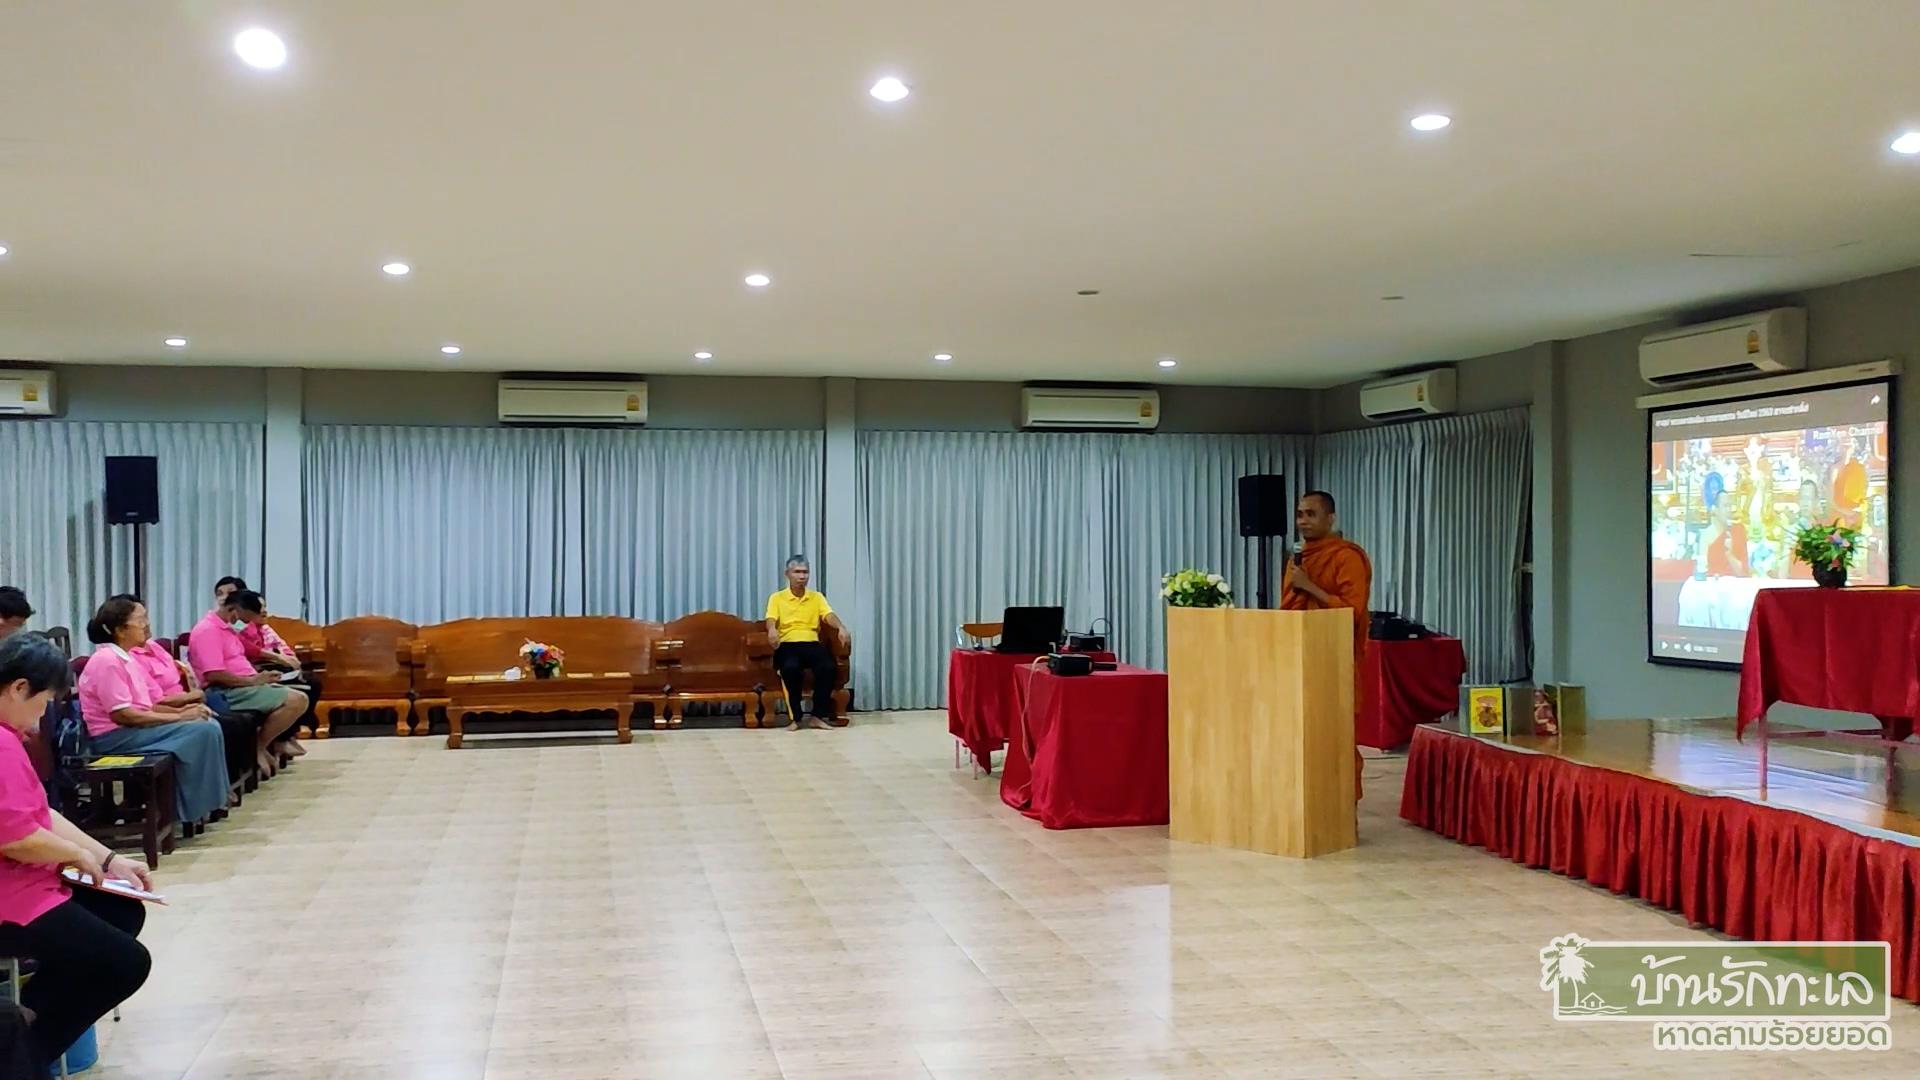 meetingroom-teepak-tid-talay6